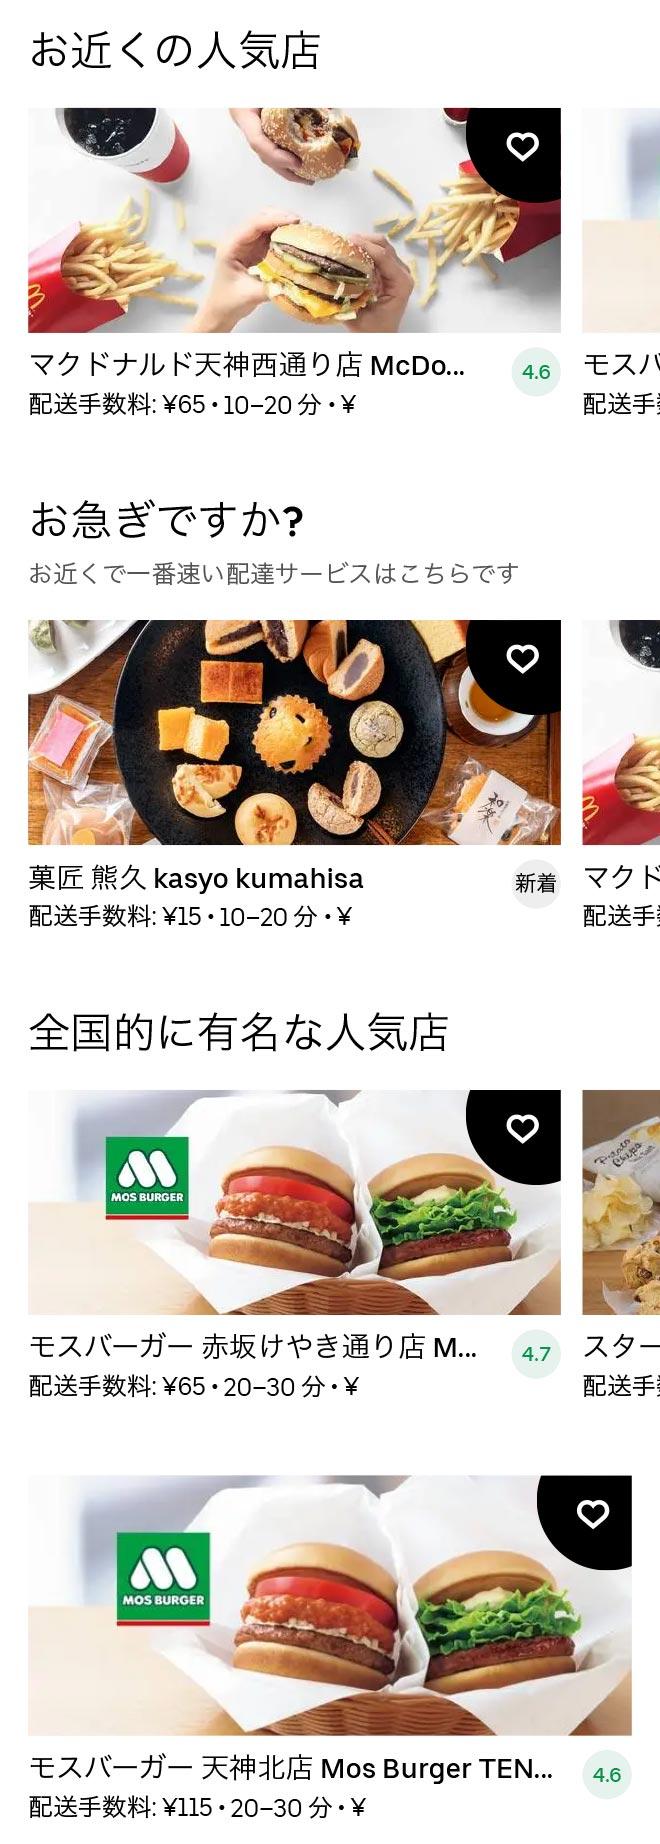 Akasaka menu 2101 01